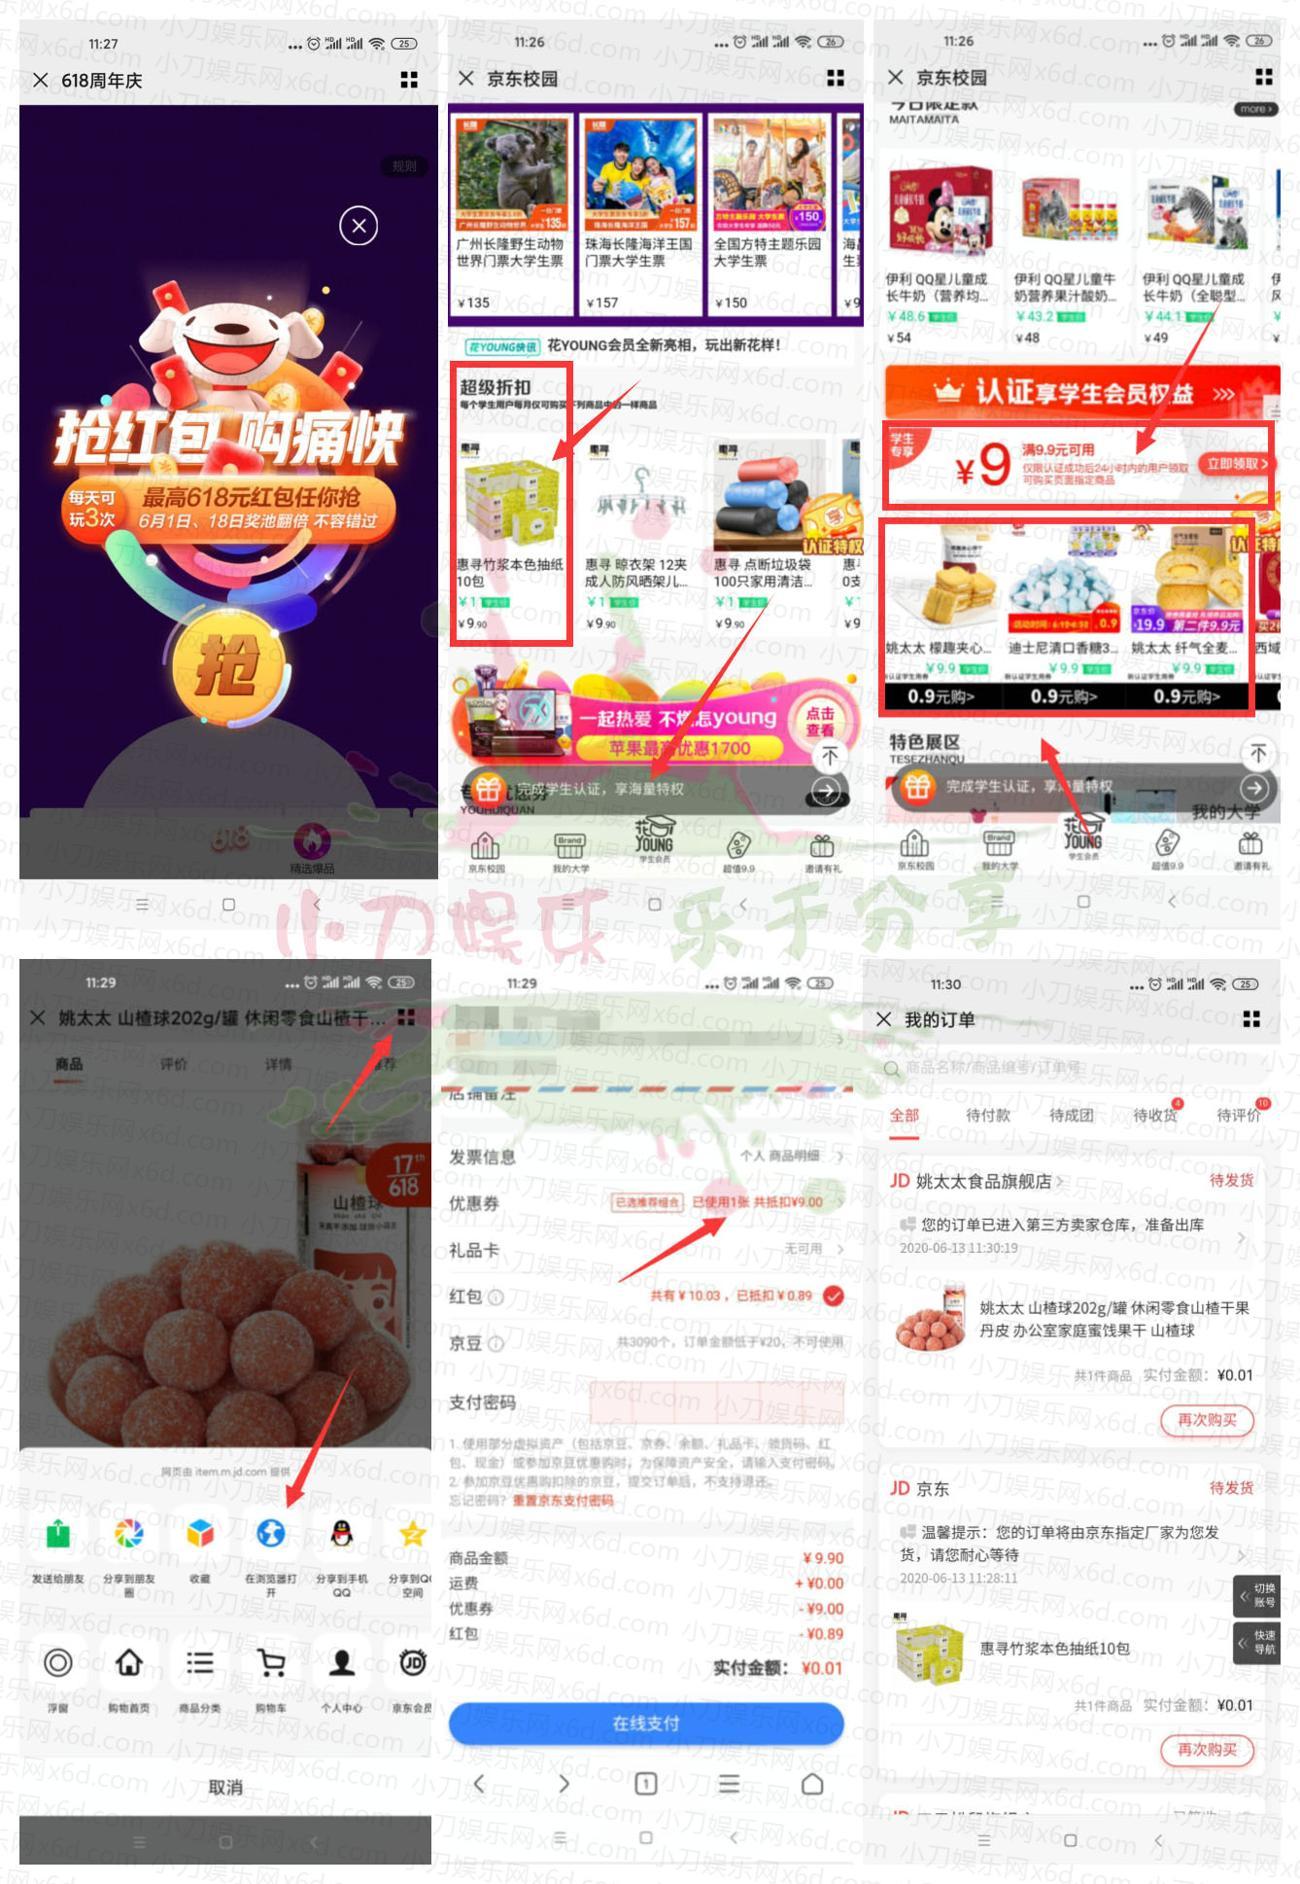 京东1元撸10包抽纸+500g面包 活动线报 第1张